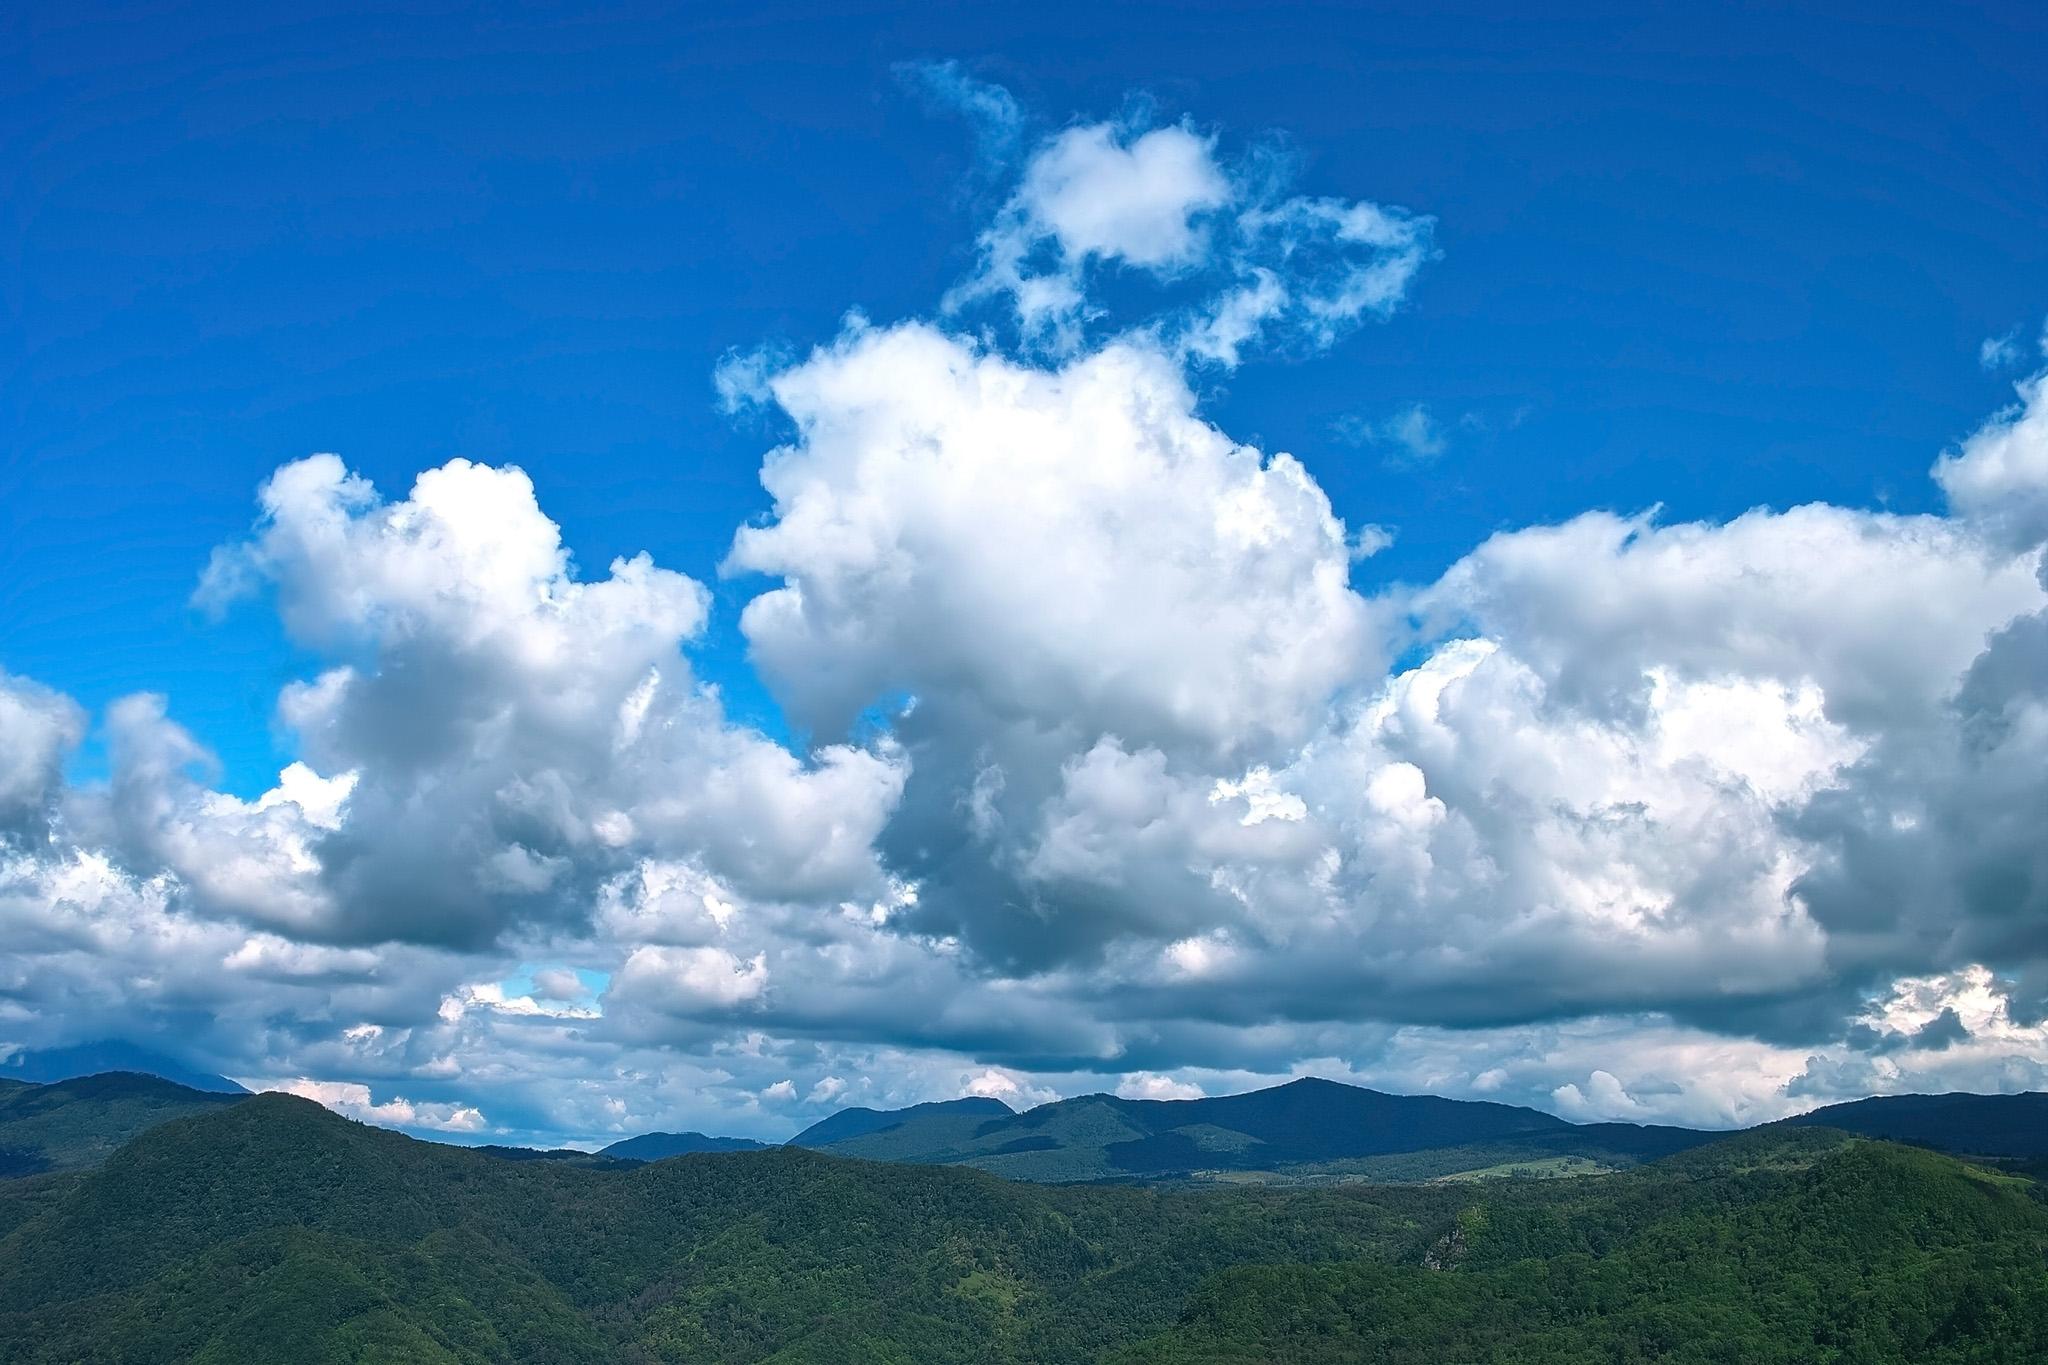 爽やかな緑濃い夏の山